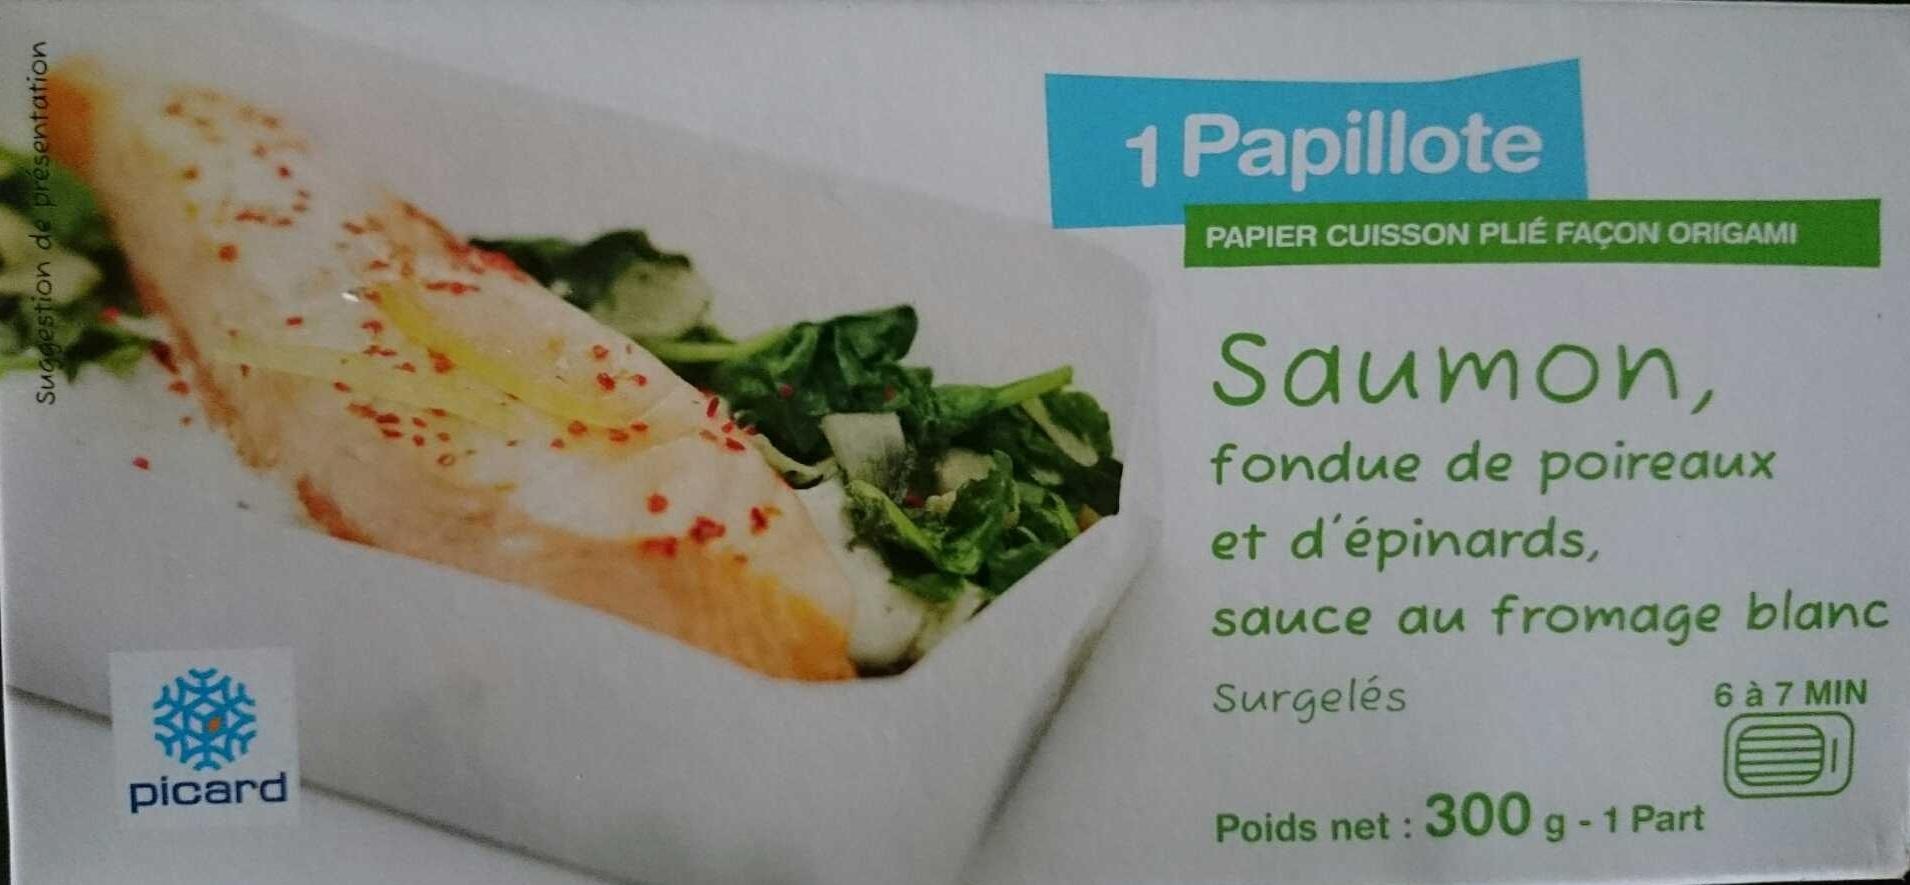 Saumon, fondue de poireaux et d'épinards, sauce au fromage blanc, Surgelés - Product - fr